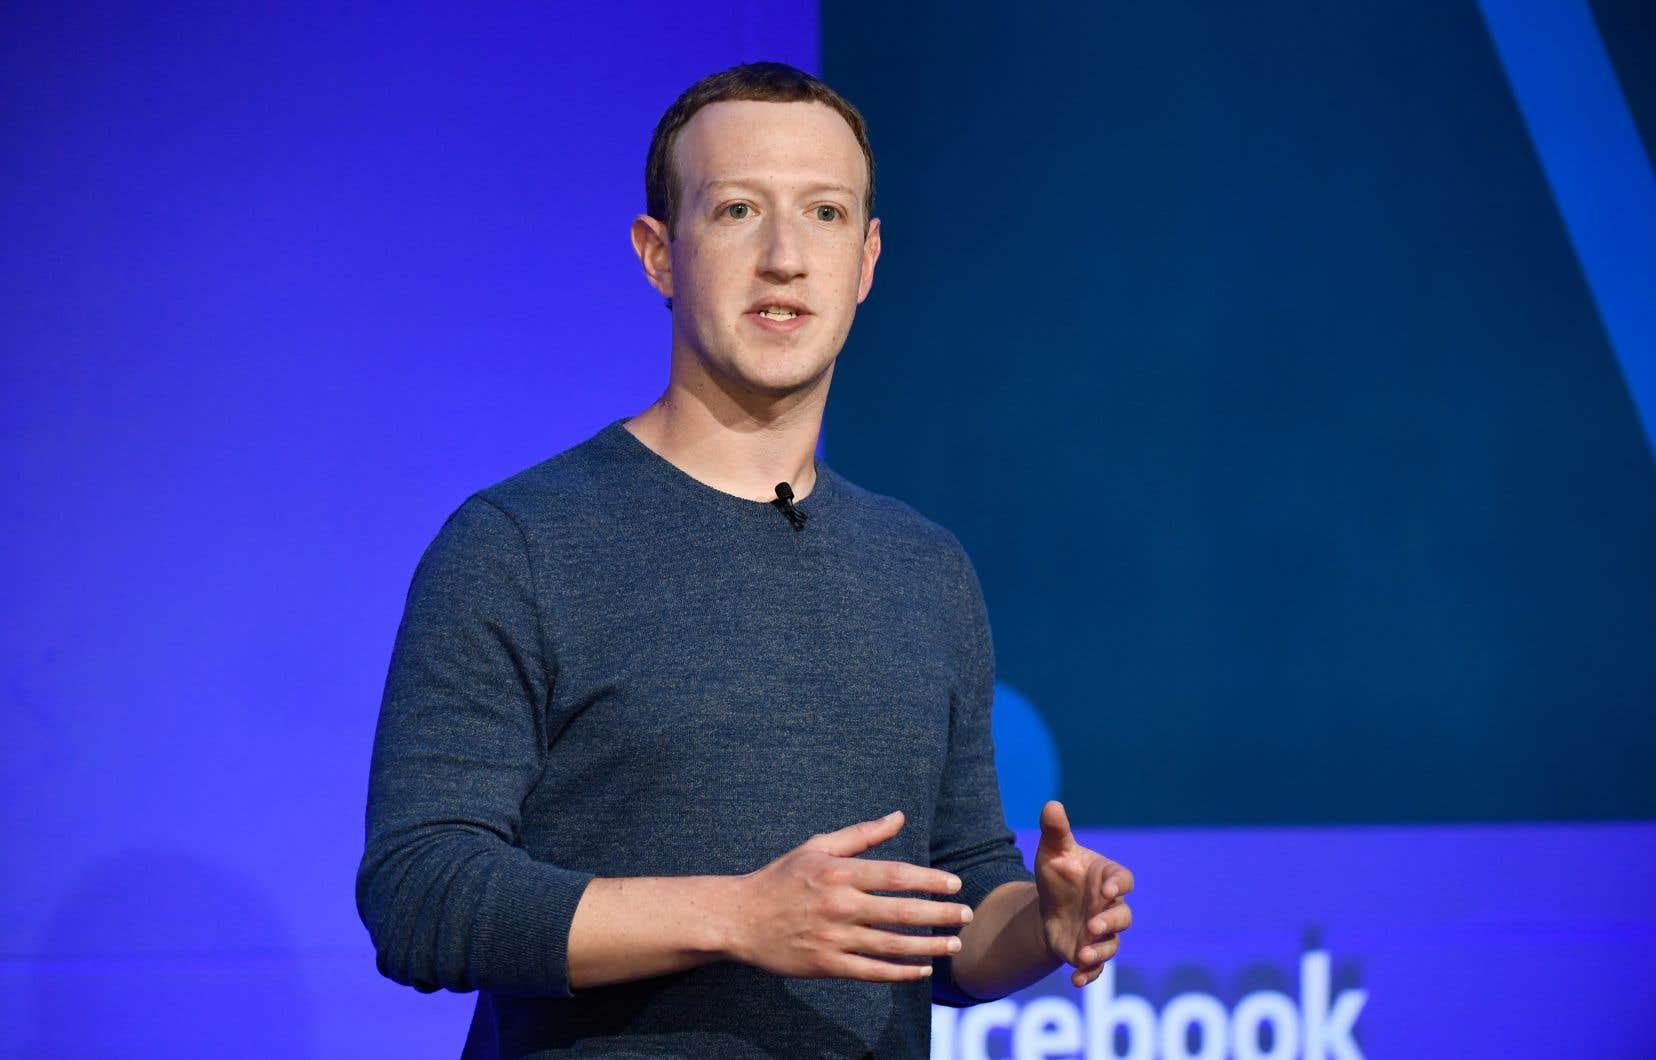 Selon Mark Zuckerberg, 10 à 15 % des utilisateurs de Facebook seraient intéressés par un nouvel espace consacré à l'actualité.